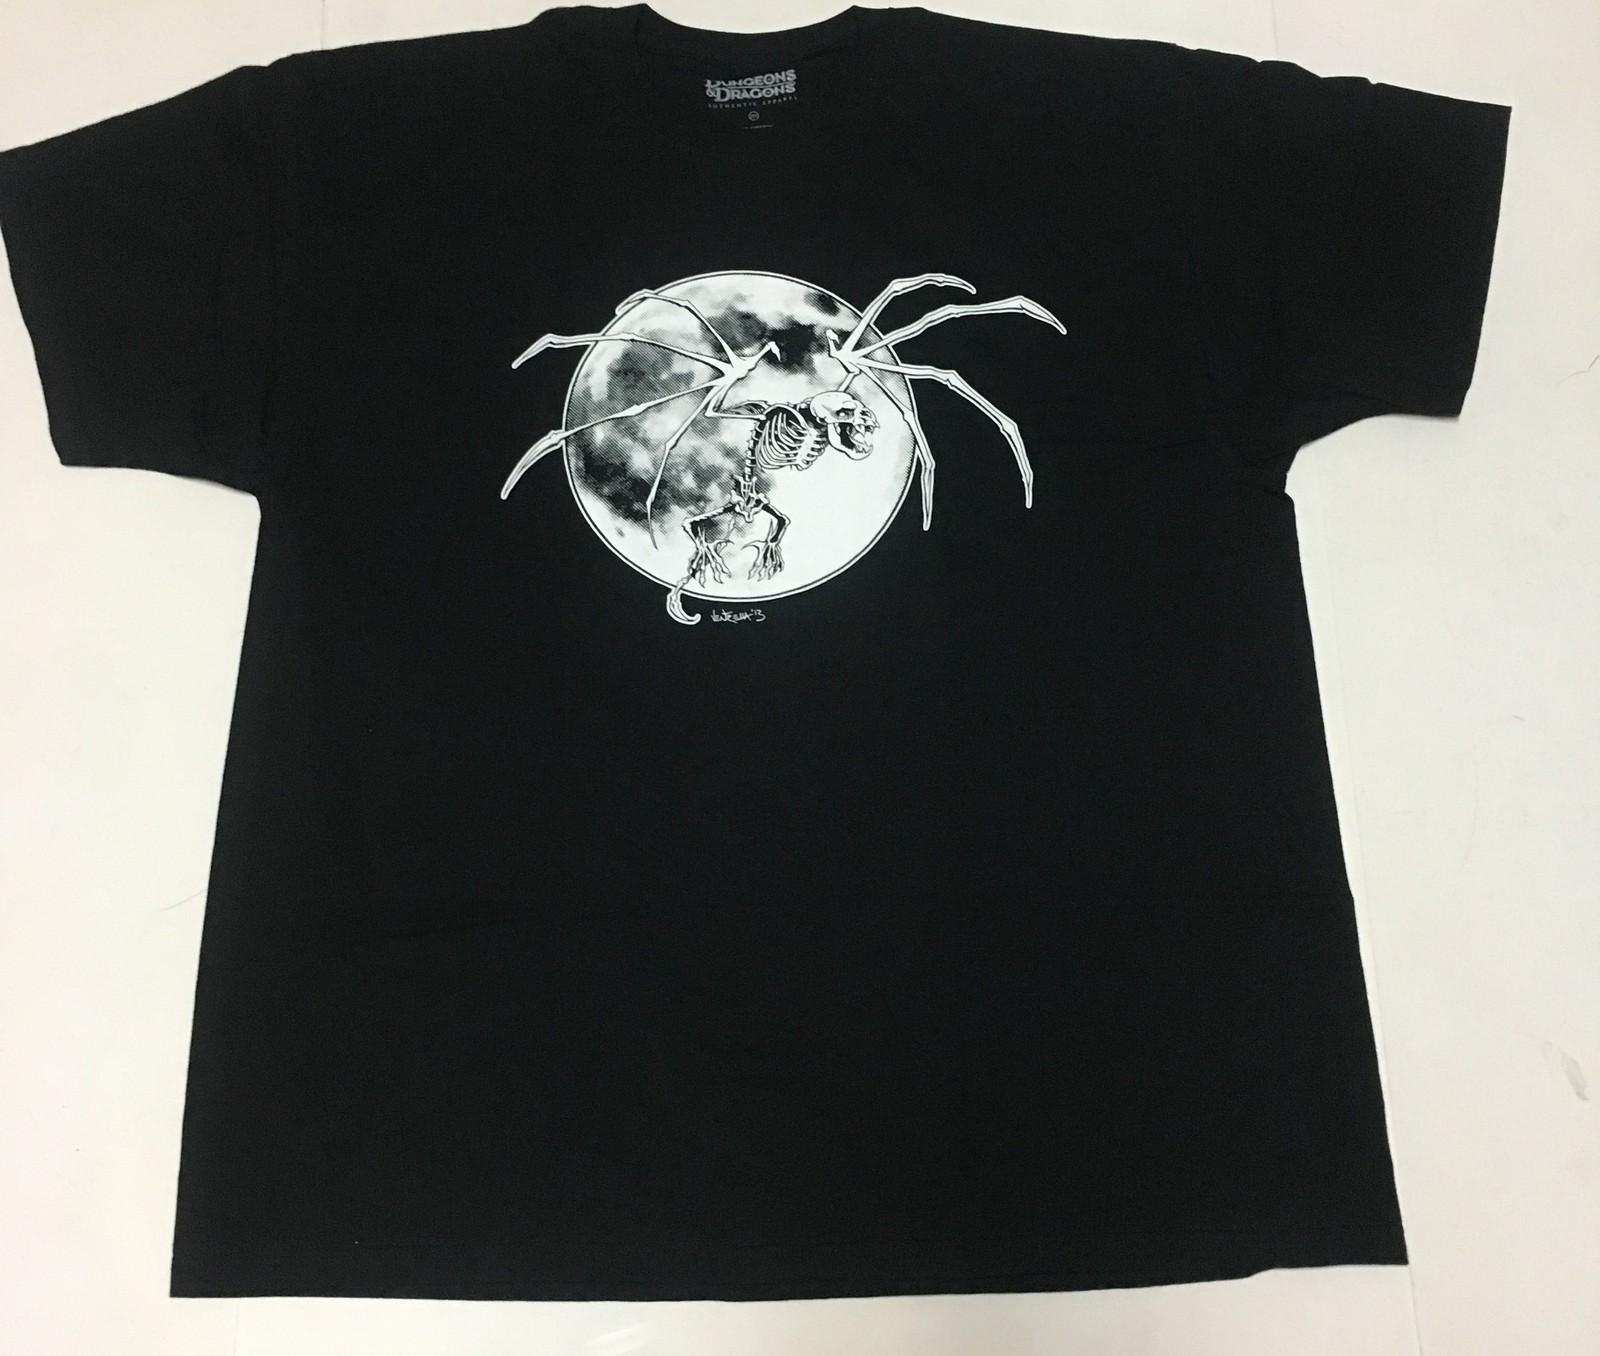 Dungeons & Dragons Black T-Shirt Various Sizes Free Shipping